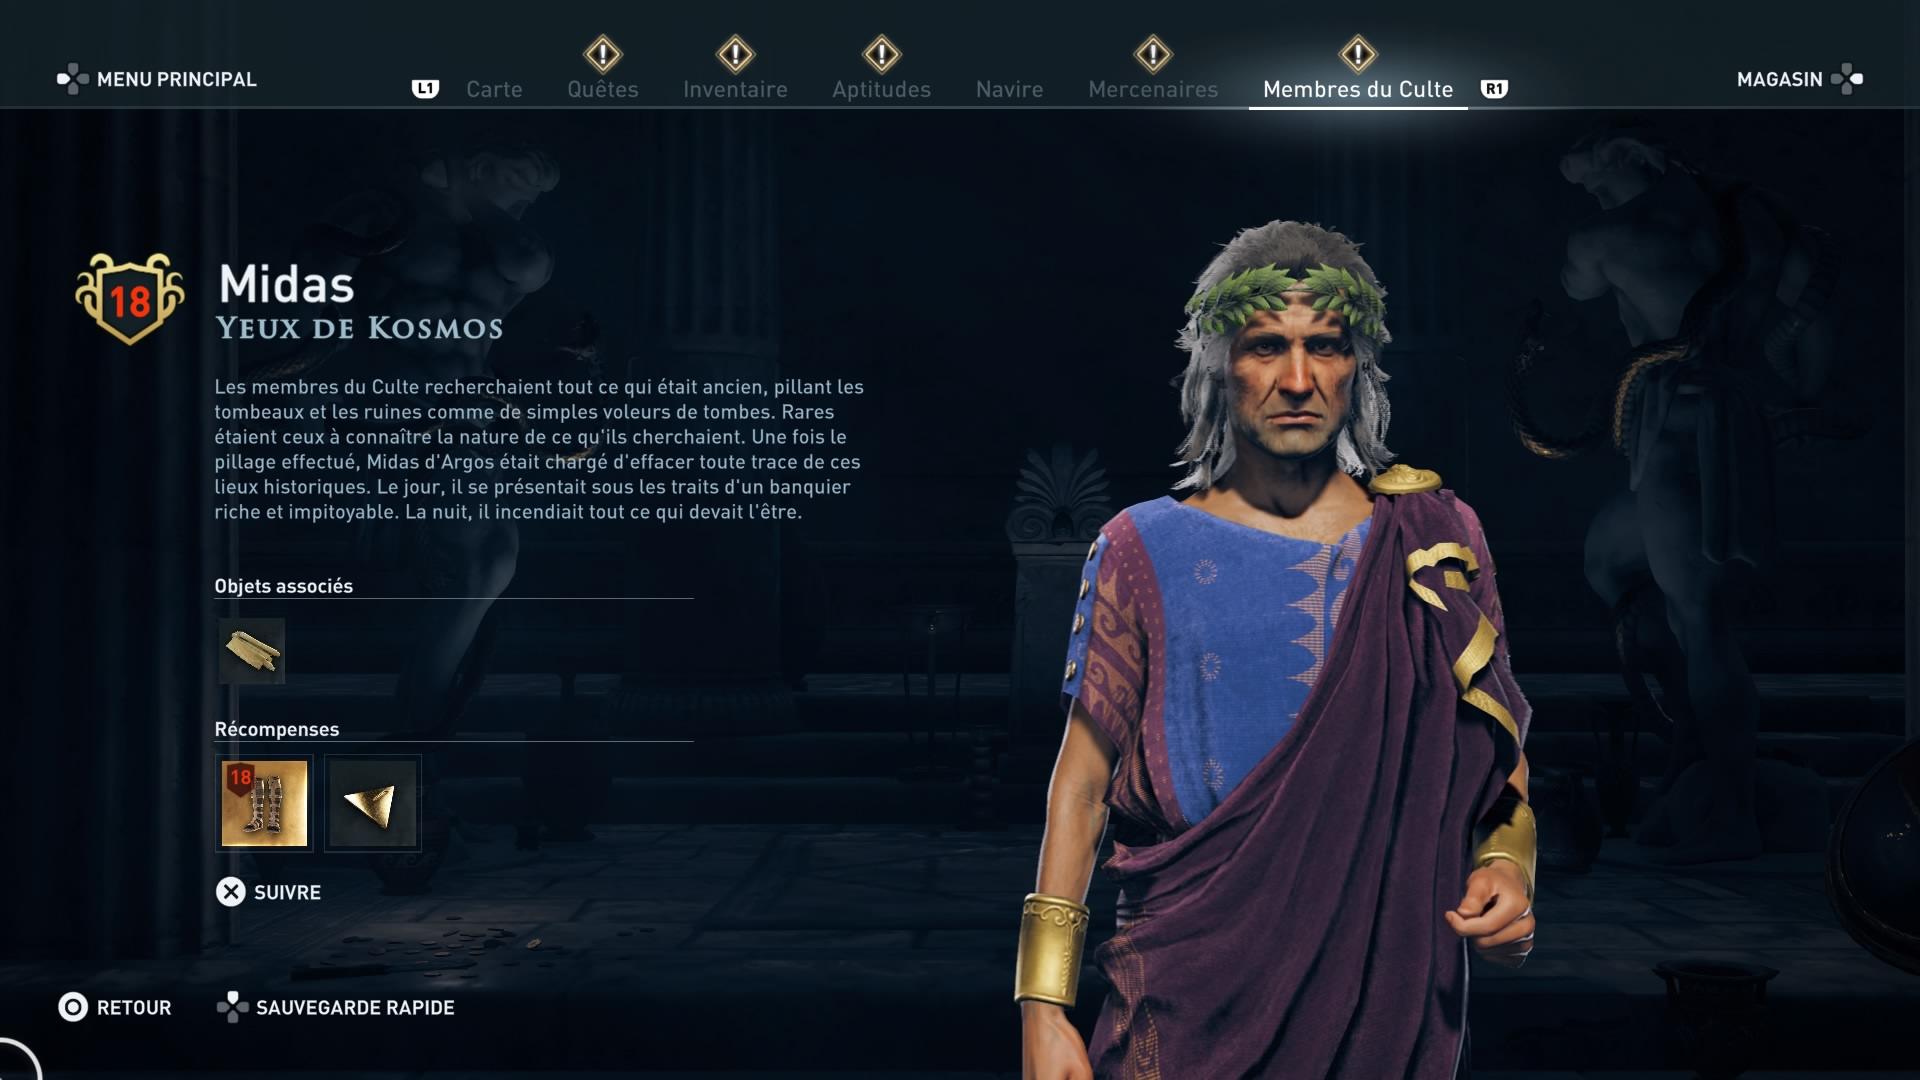 Assassin's Creed Odyssey trouver et tuer les adeptes du culte du Kosmos, ps4, xbox one, pc, ubisoft, jeu vidéo, Yeux de Kosmos,, midas